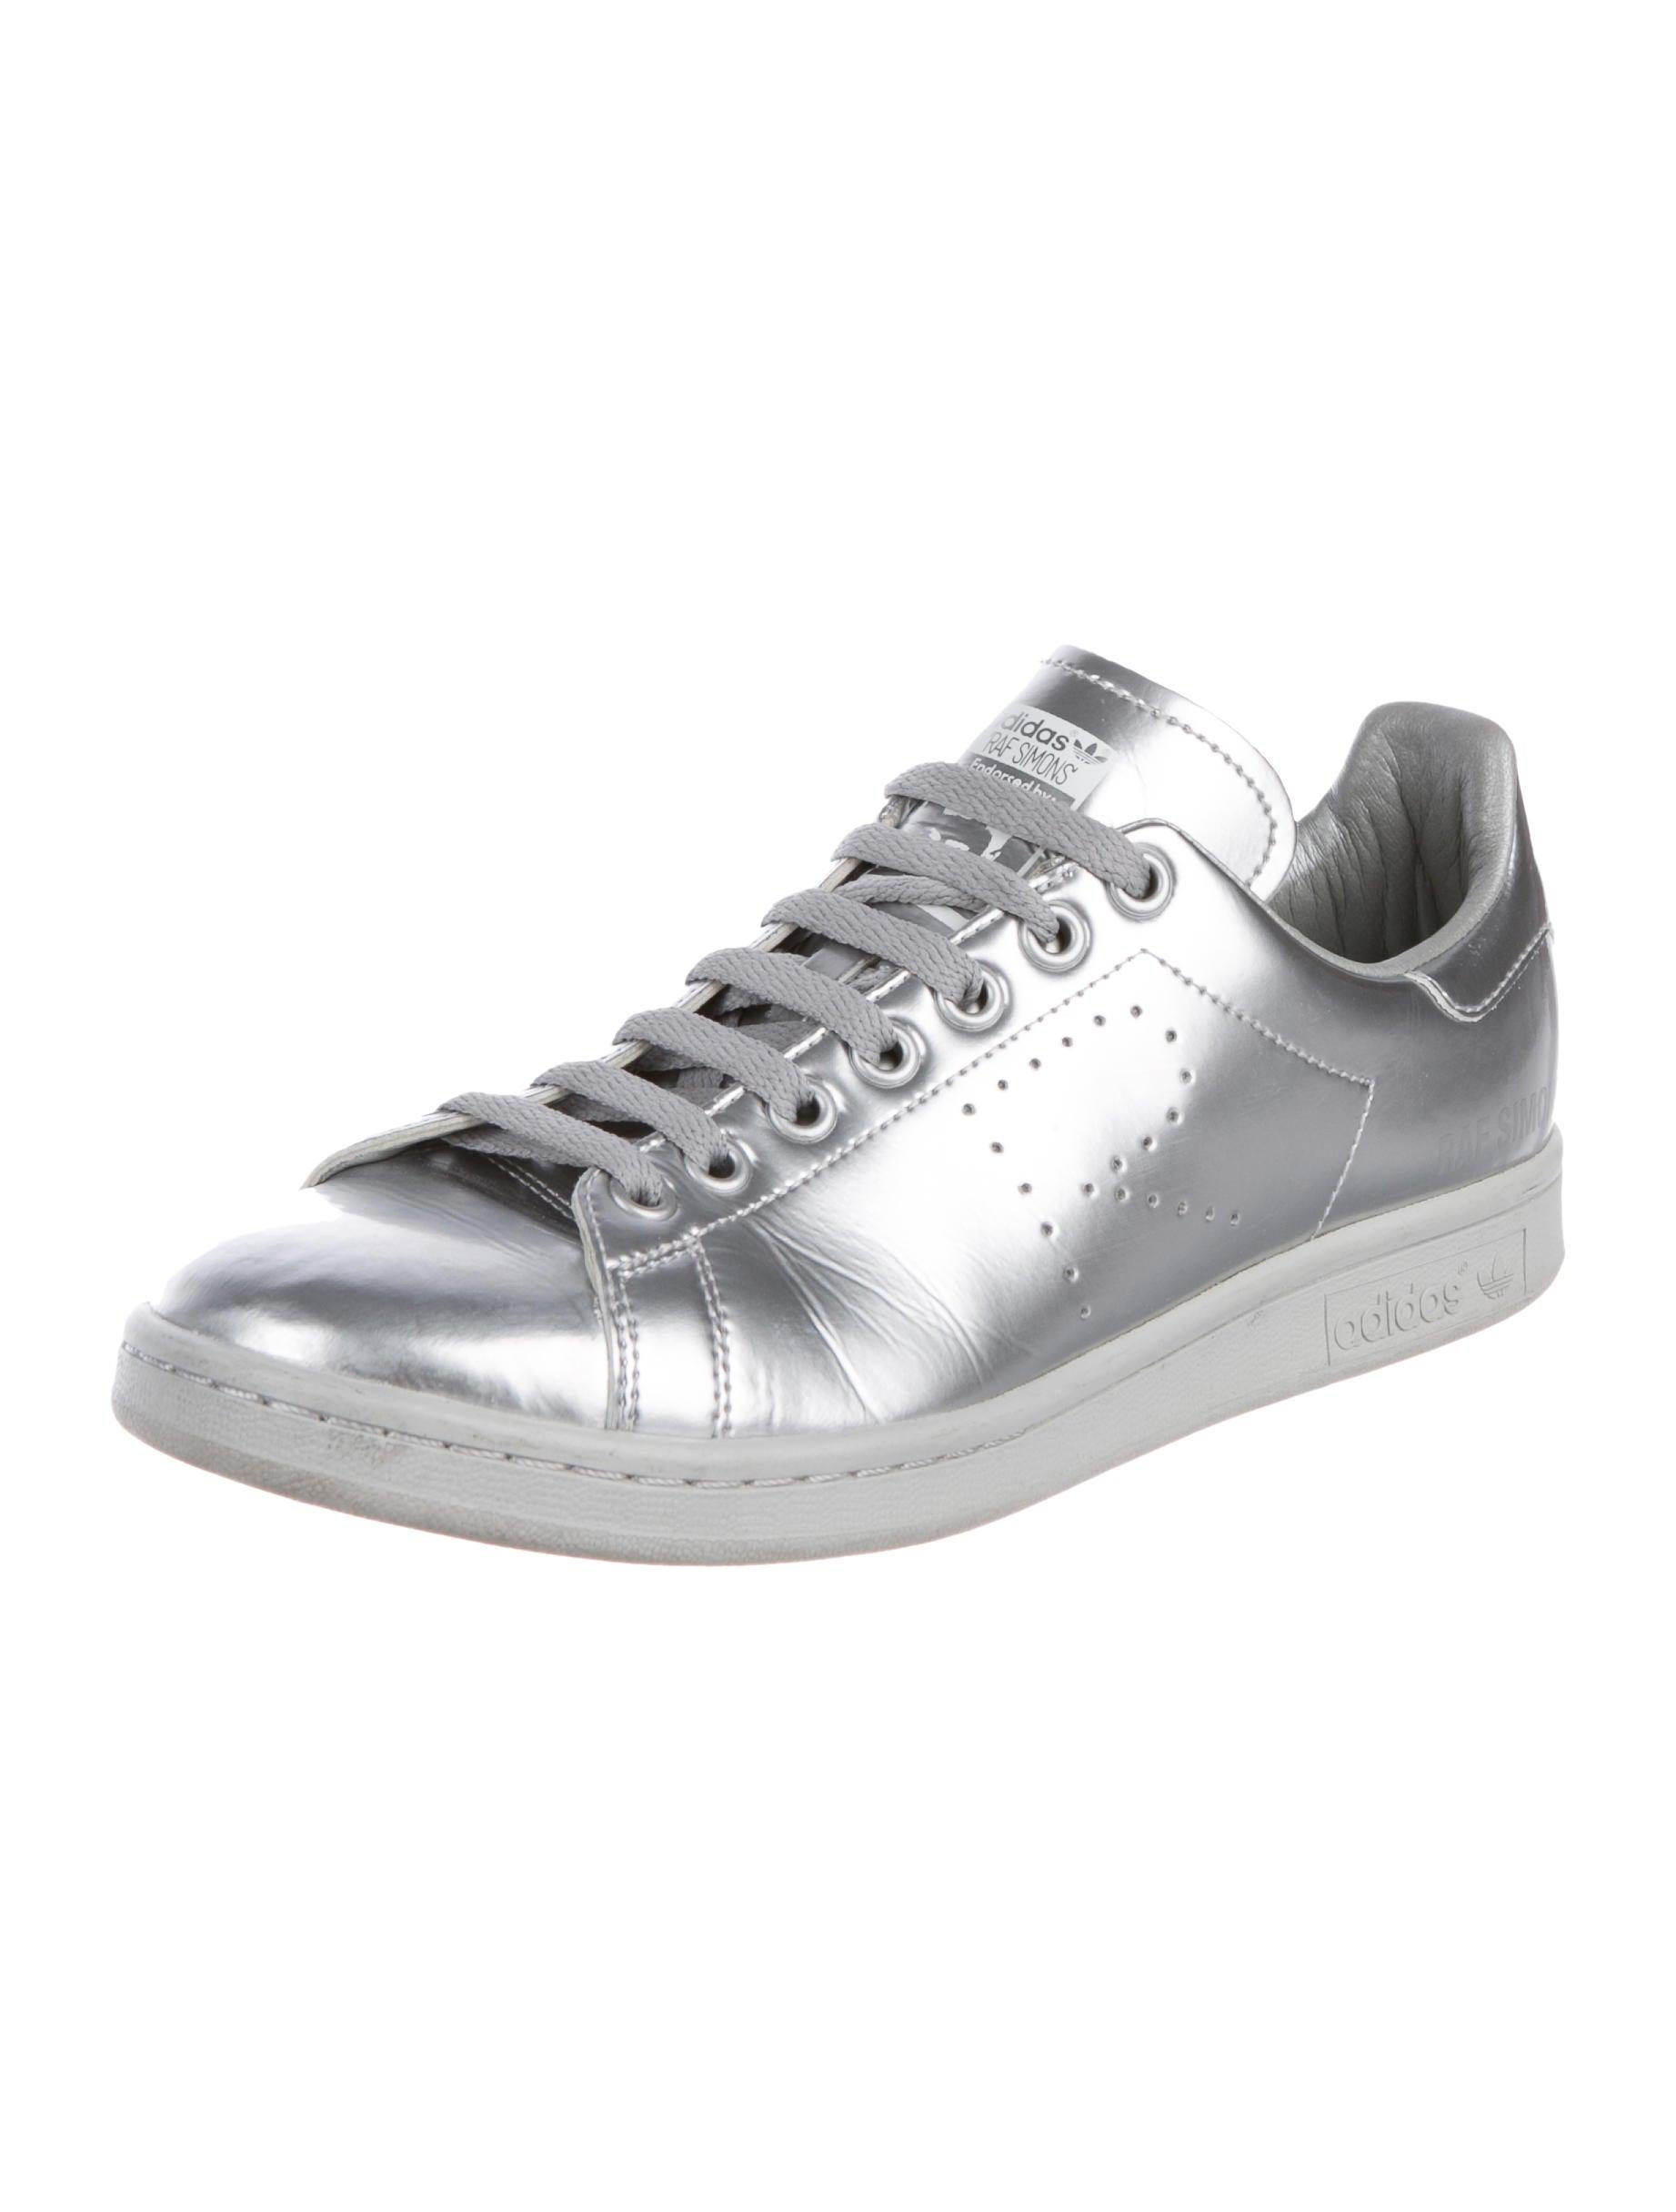 adidas stan smith silver metallic